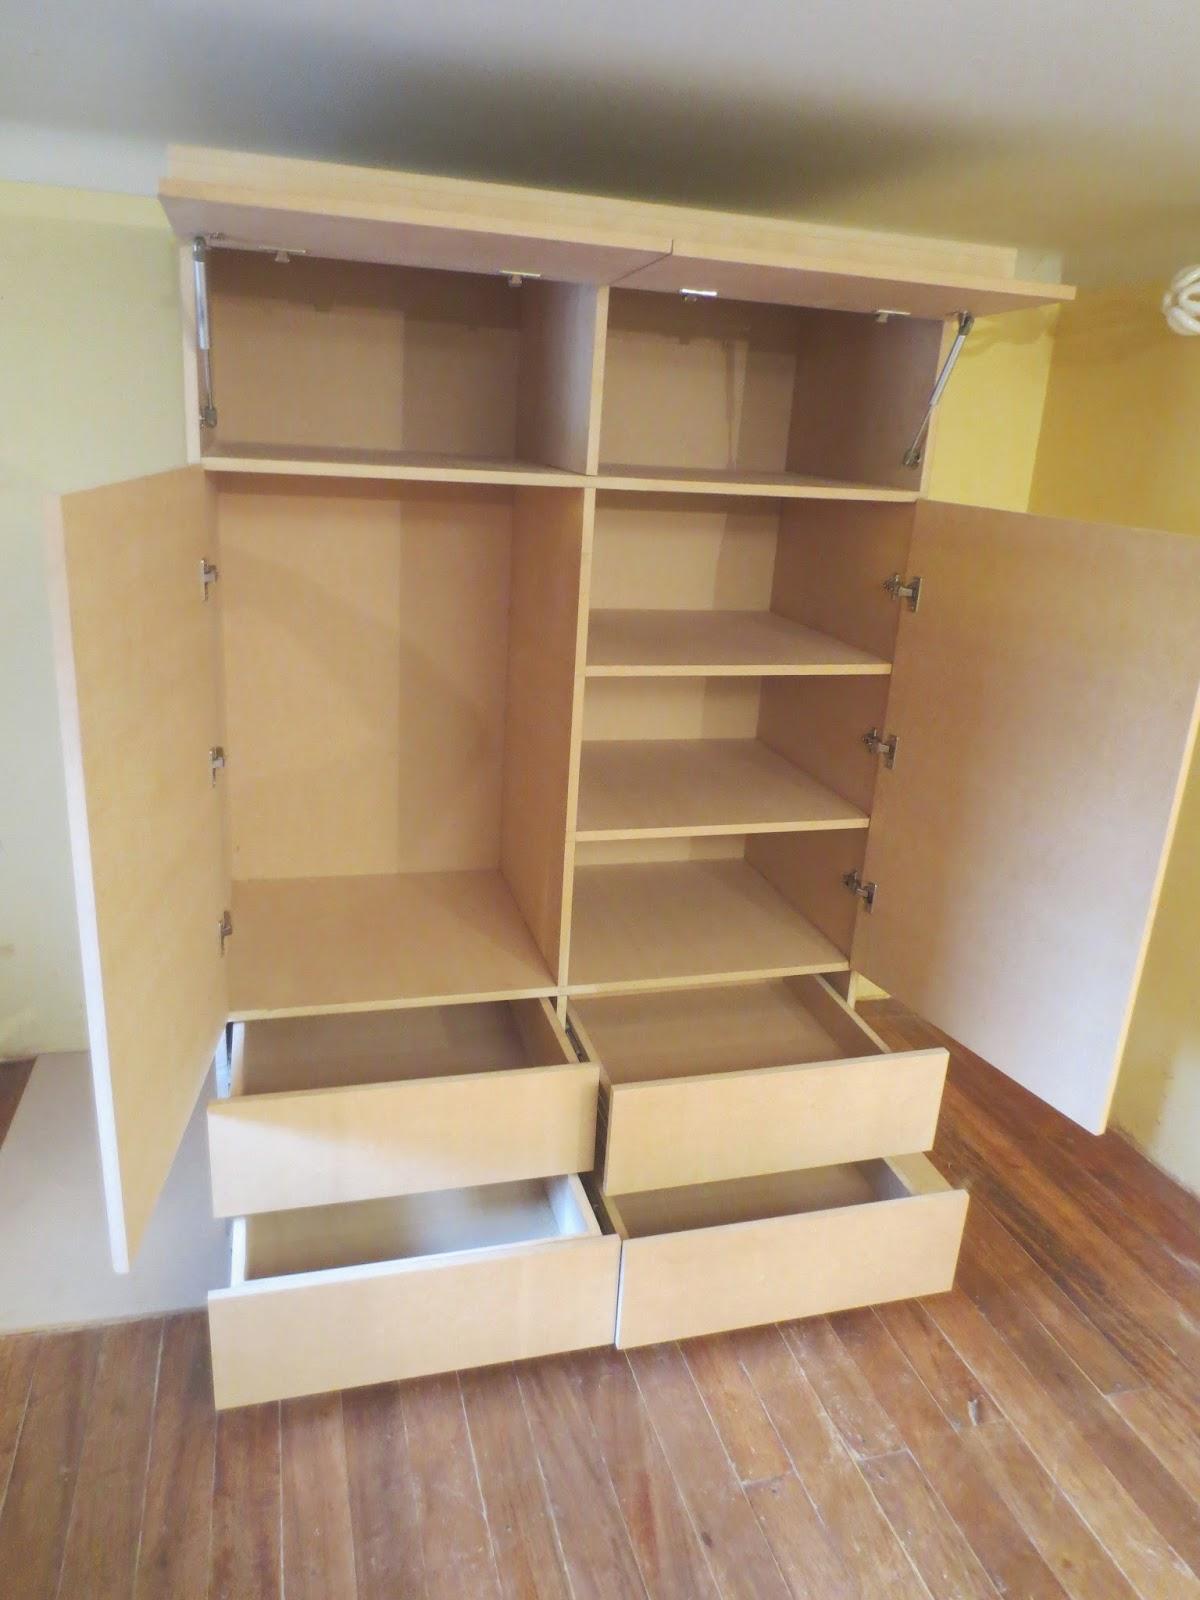 Muebles de madera sencillos para ropa - Como lacar un mueble de madera ...